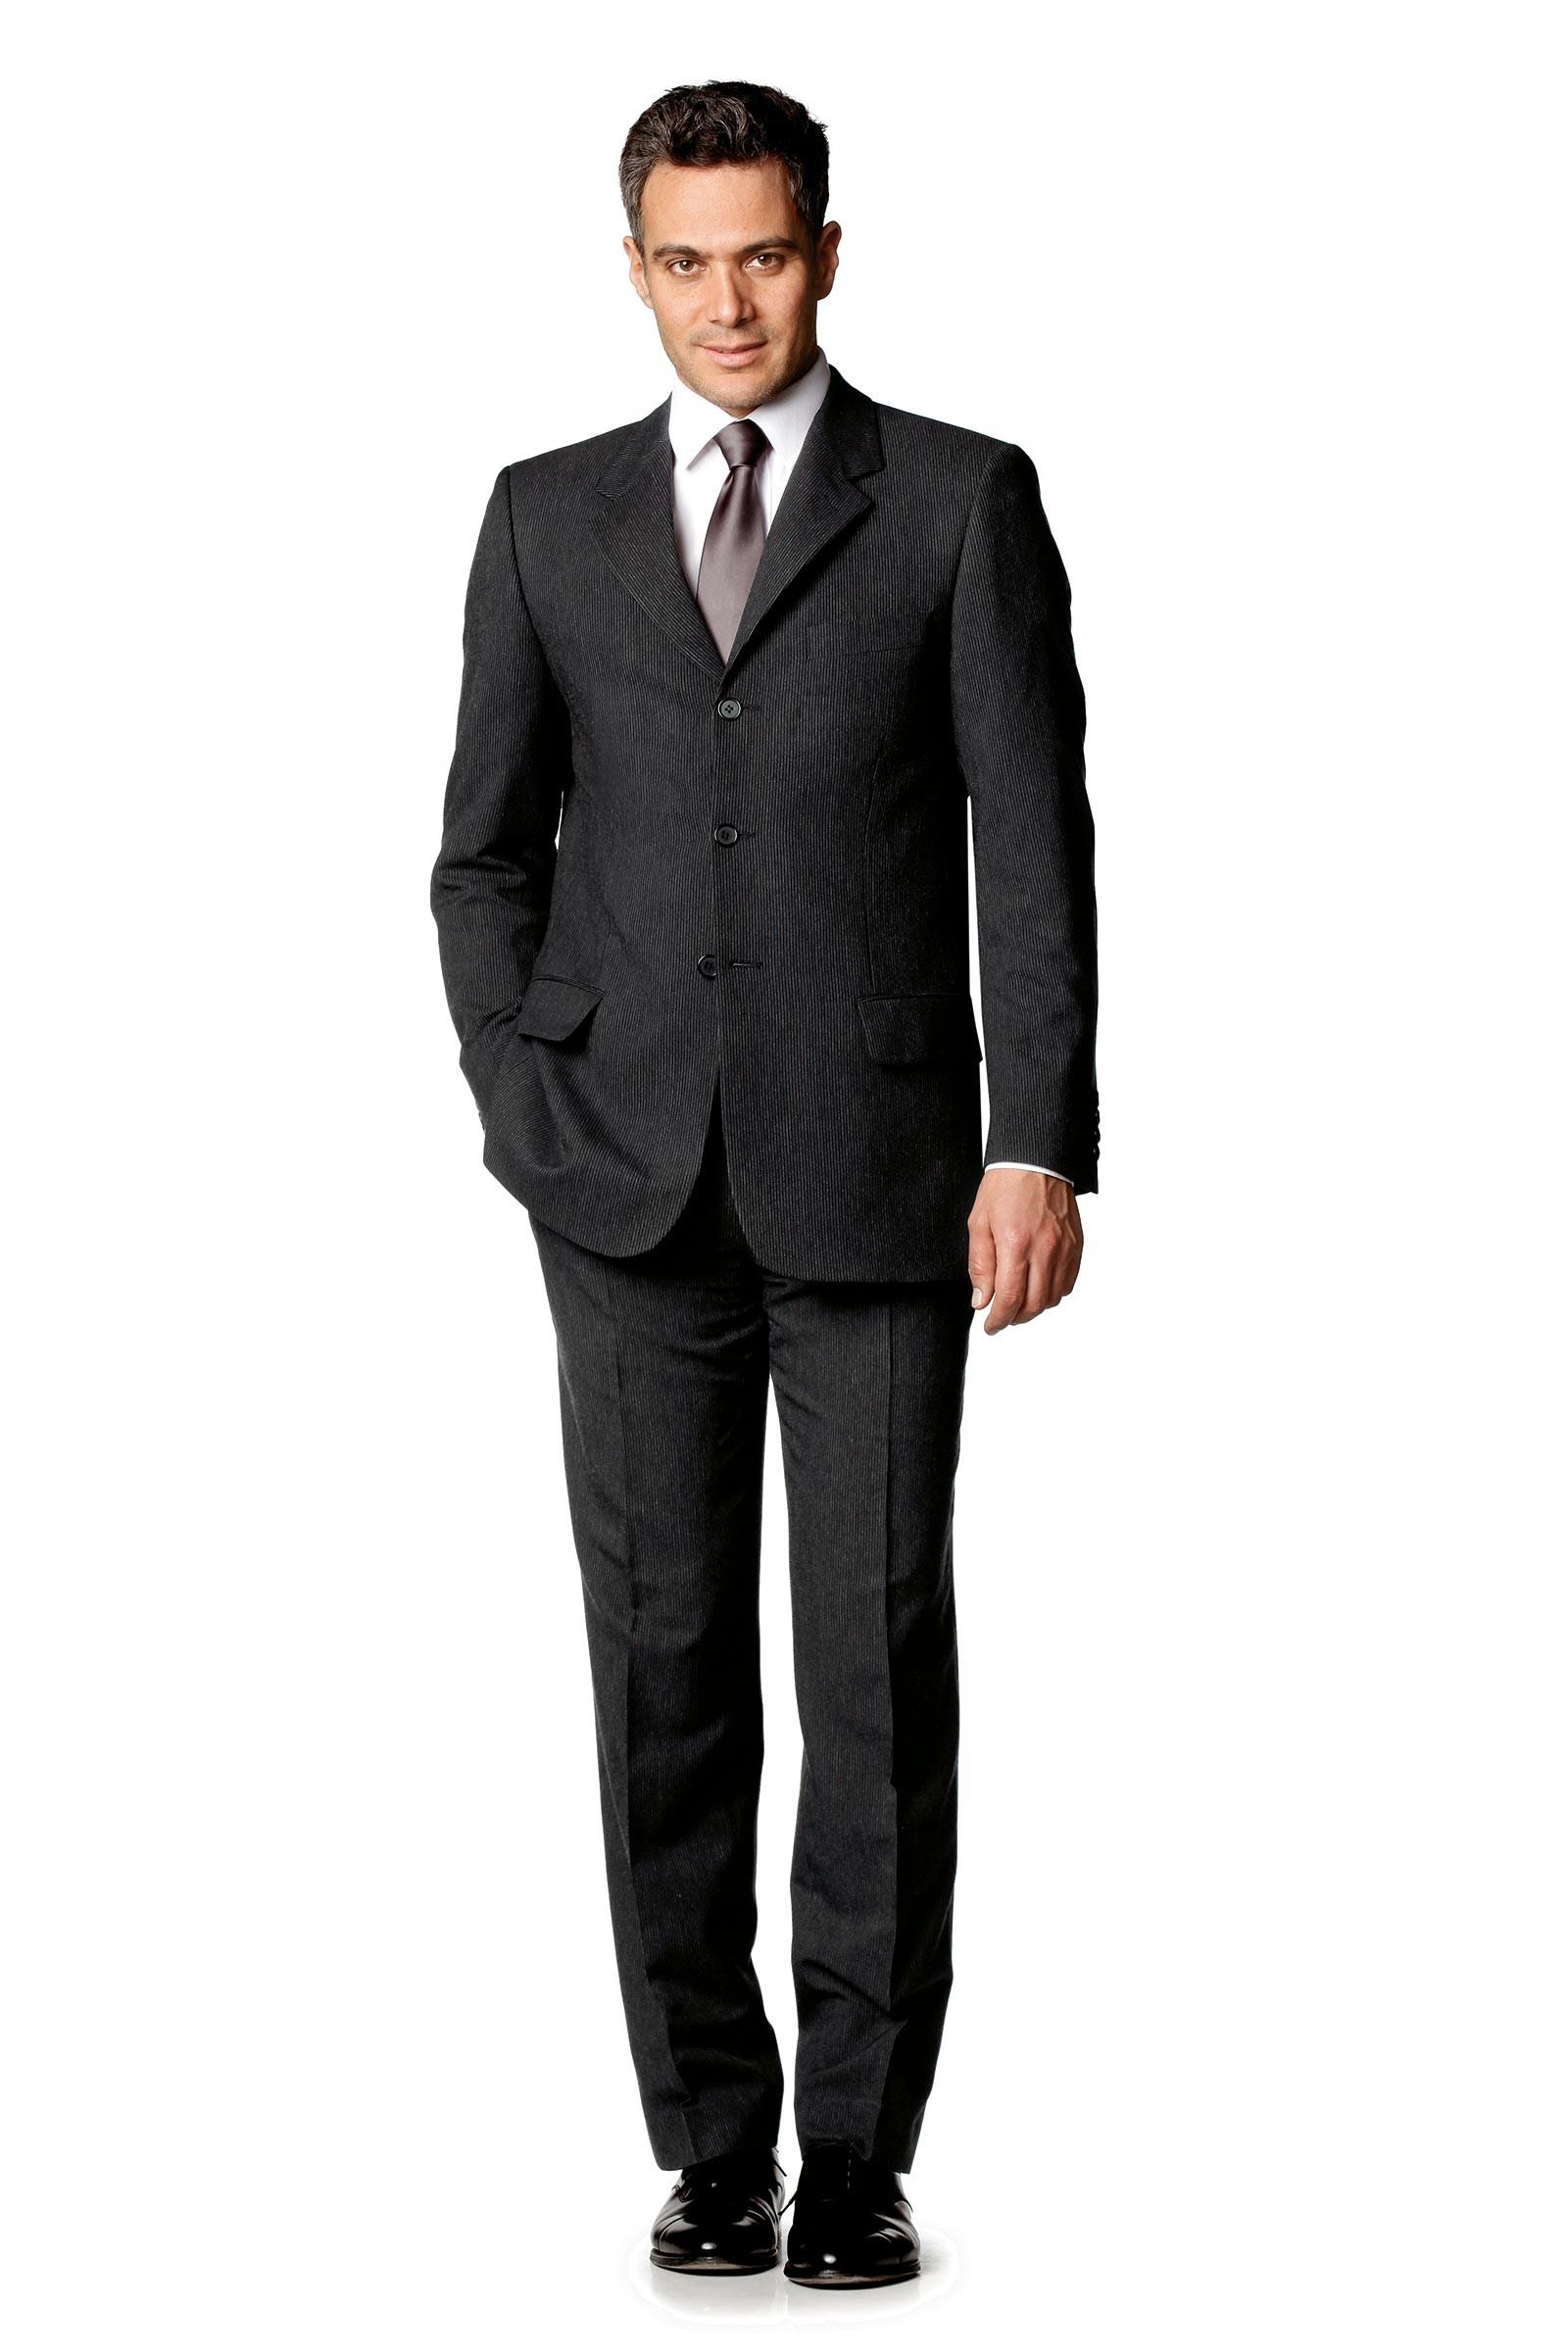 Connaître sa morphologie : c'est important pour choisir les bons vêtements